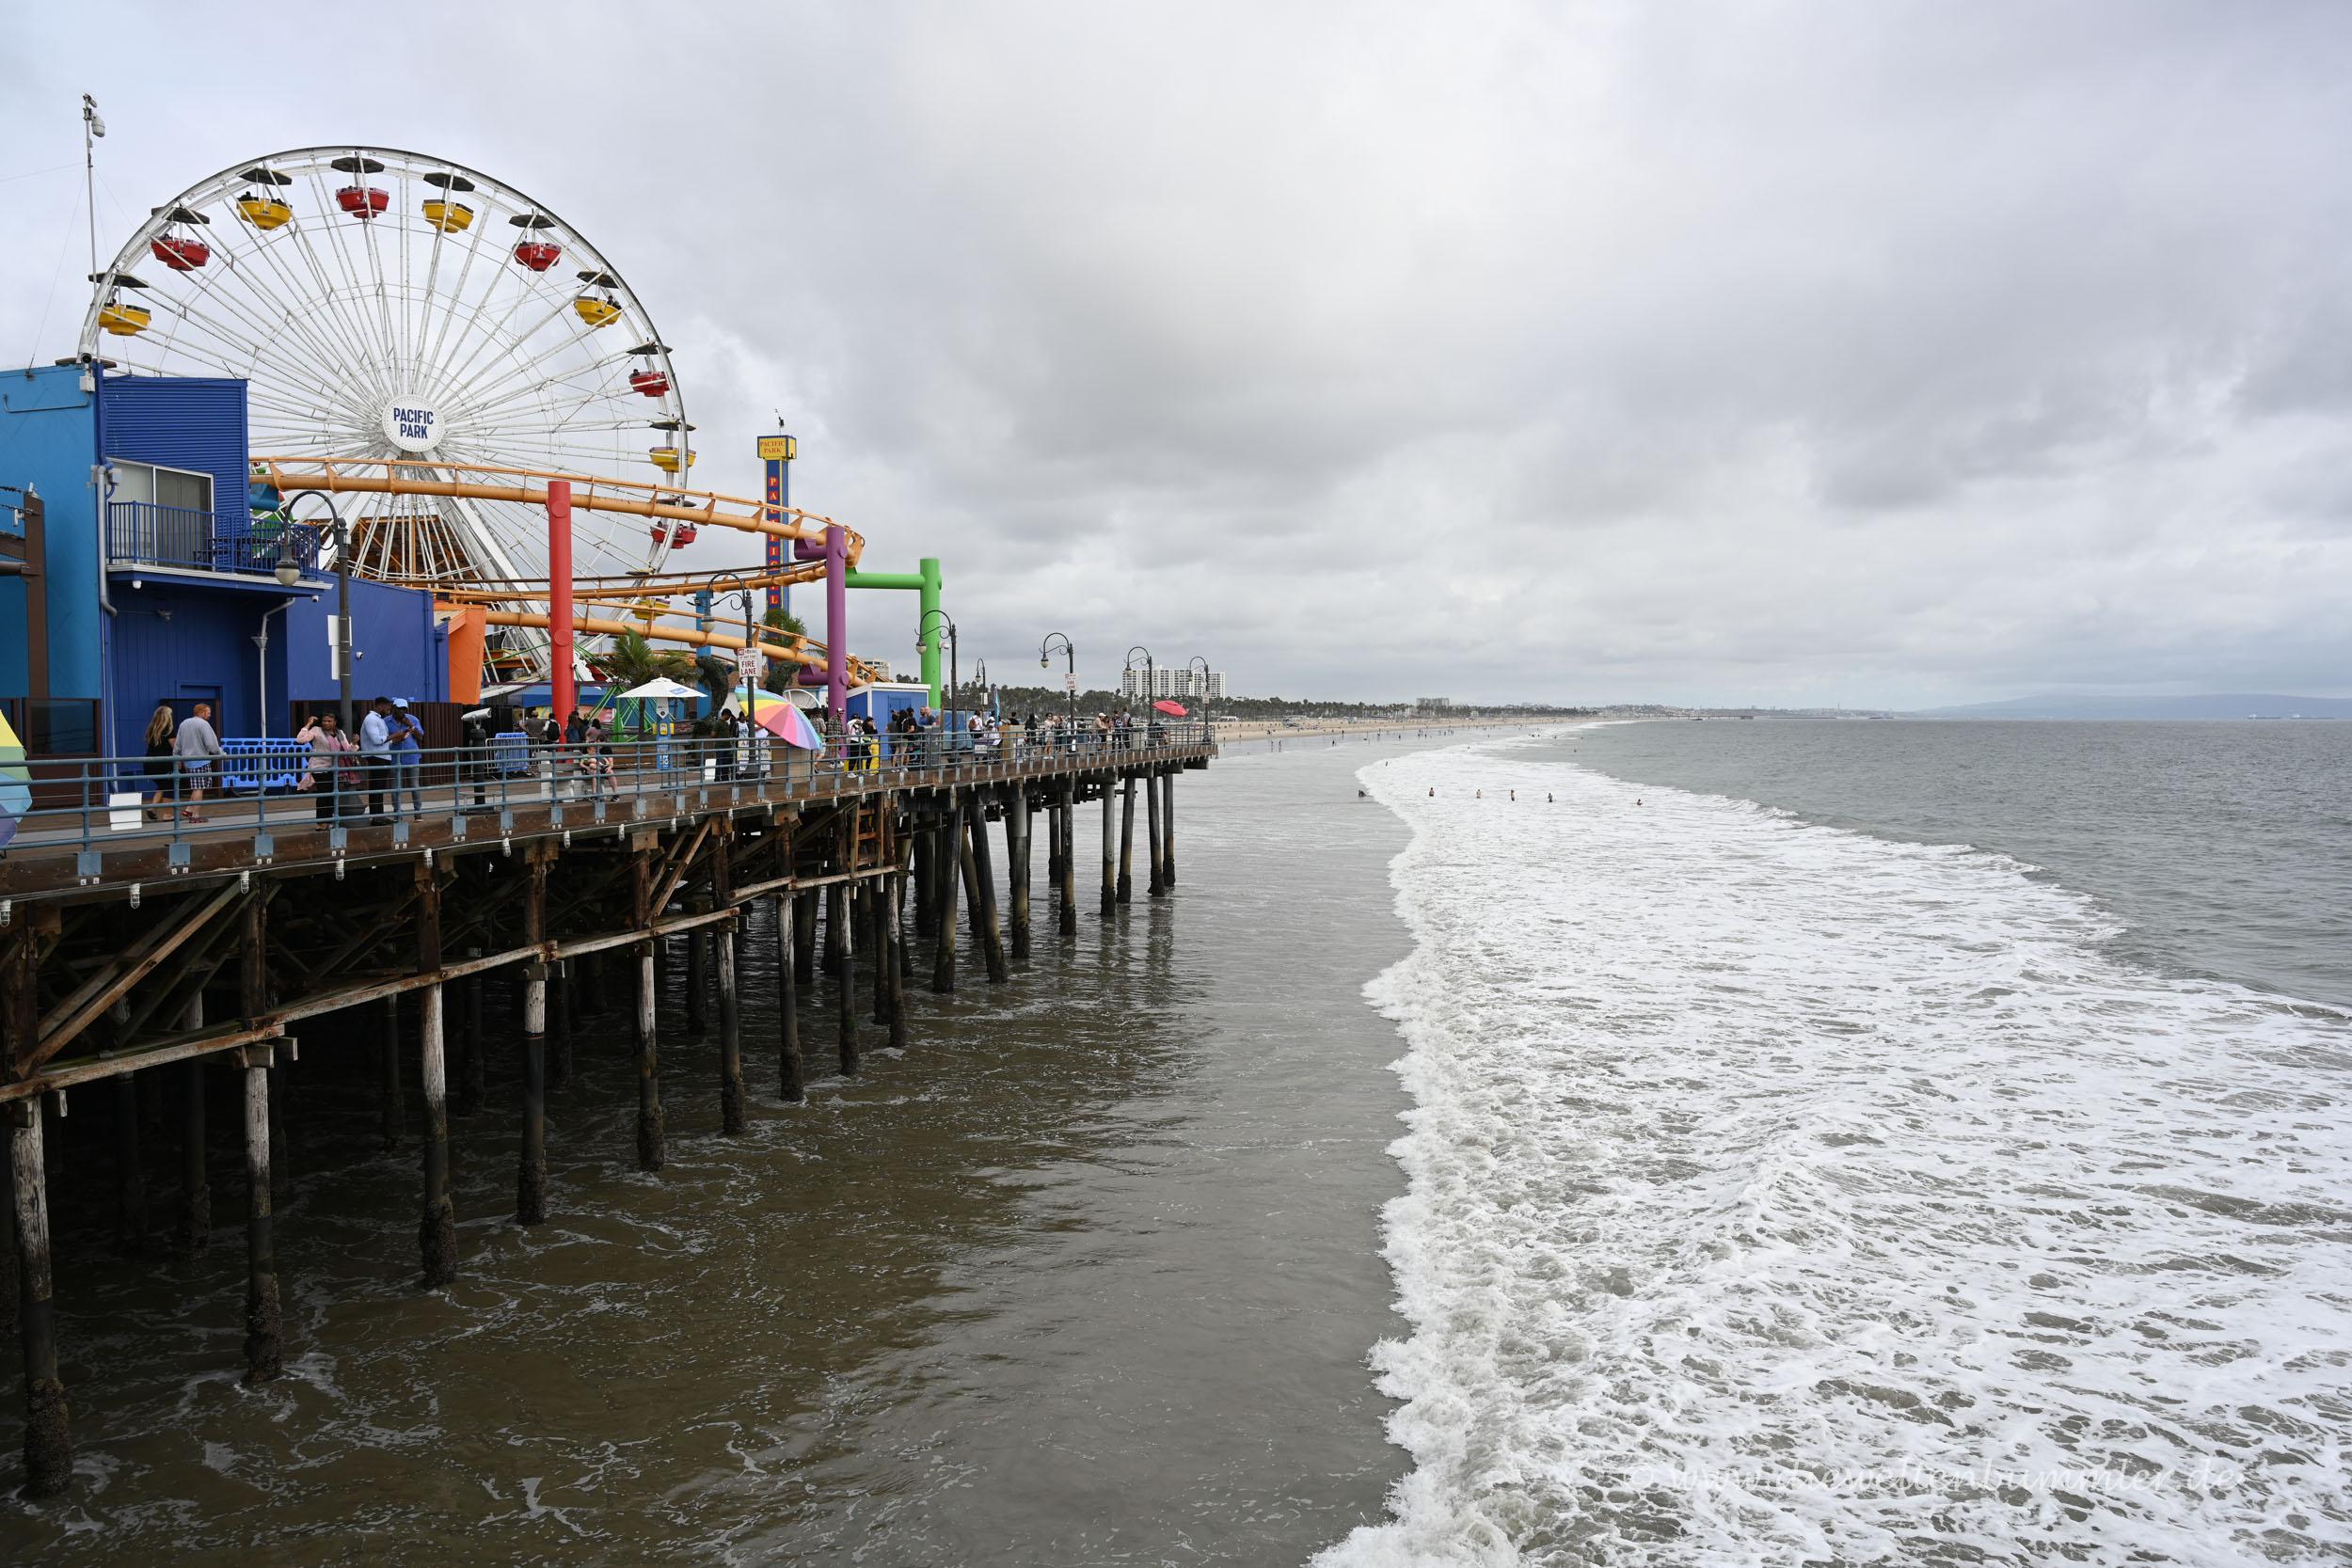 Riesenrad auf dem Pier